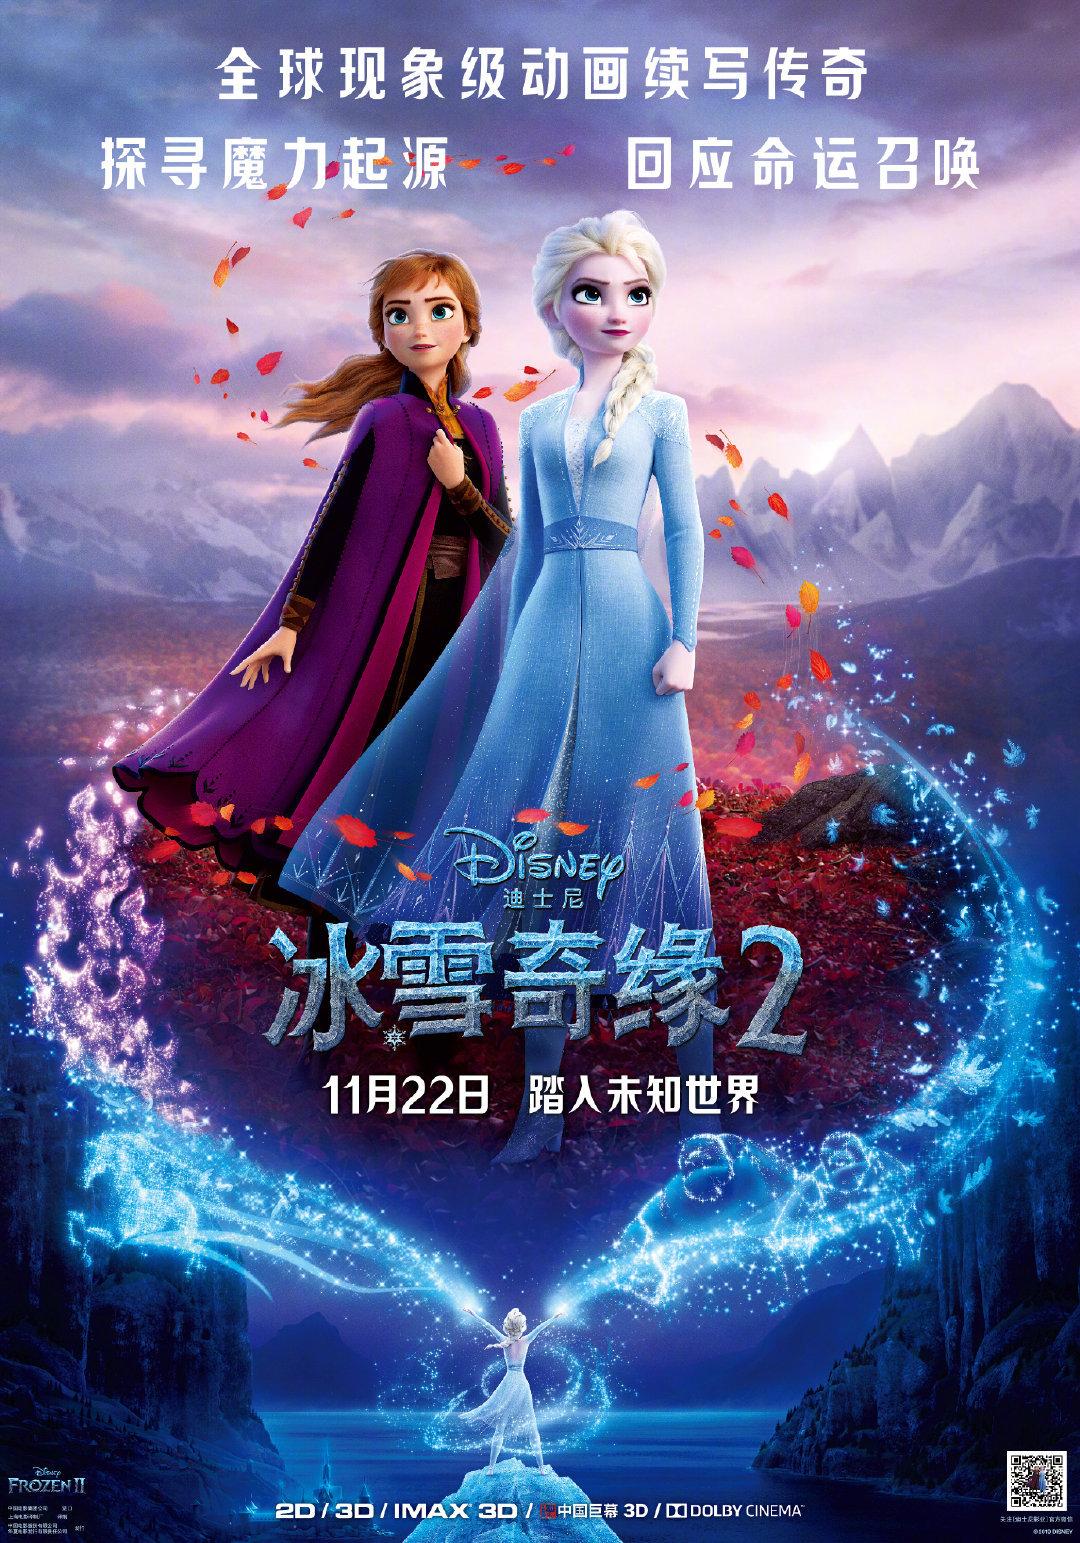 《冰雪奇缘2》定档了!同步北美11月22日内地上映